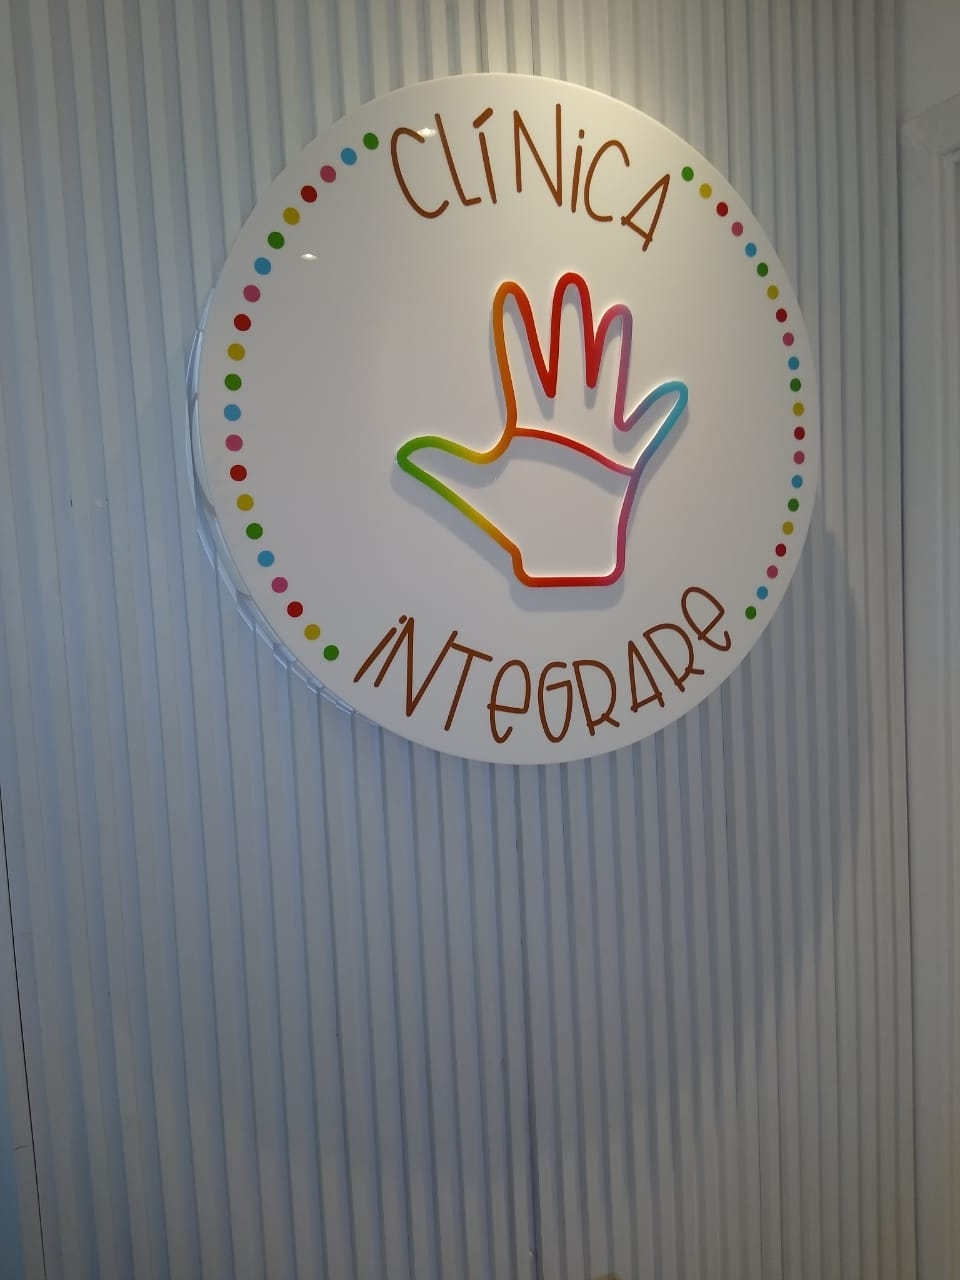 Placa Circular Acrílico Com Texto em Vinil Digital - Foto 3